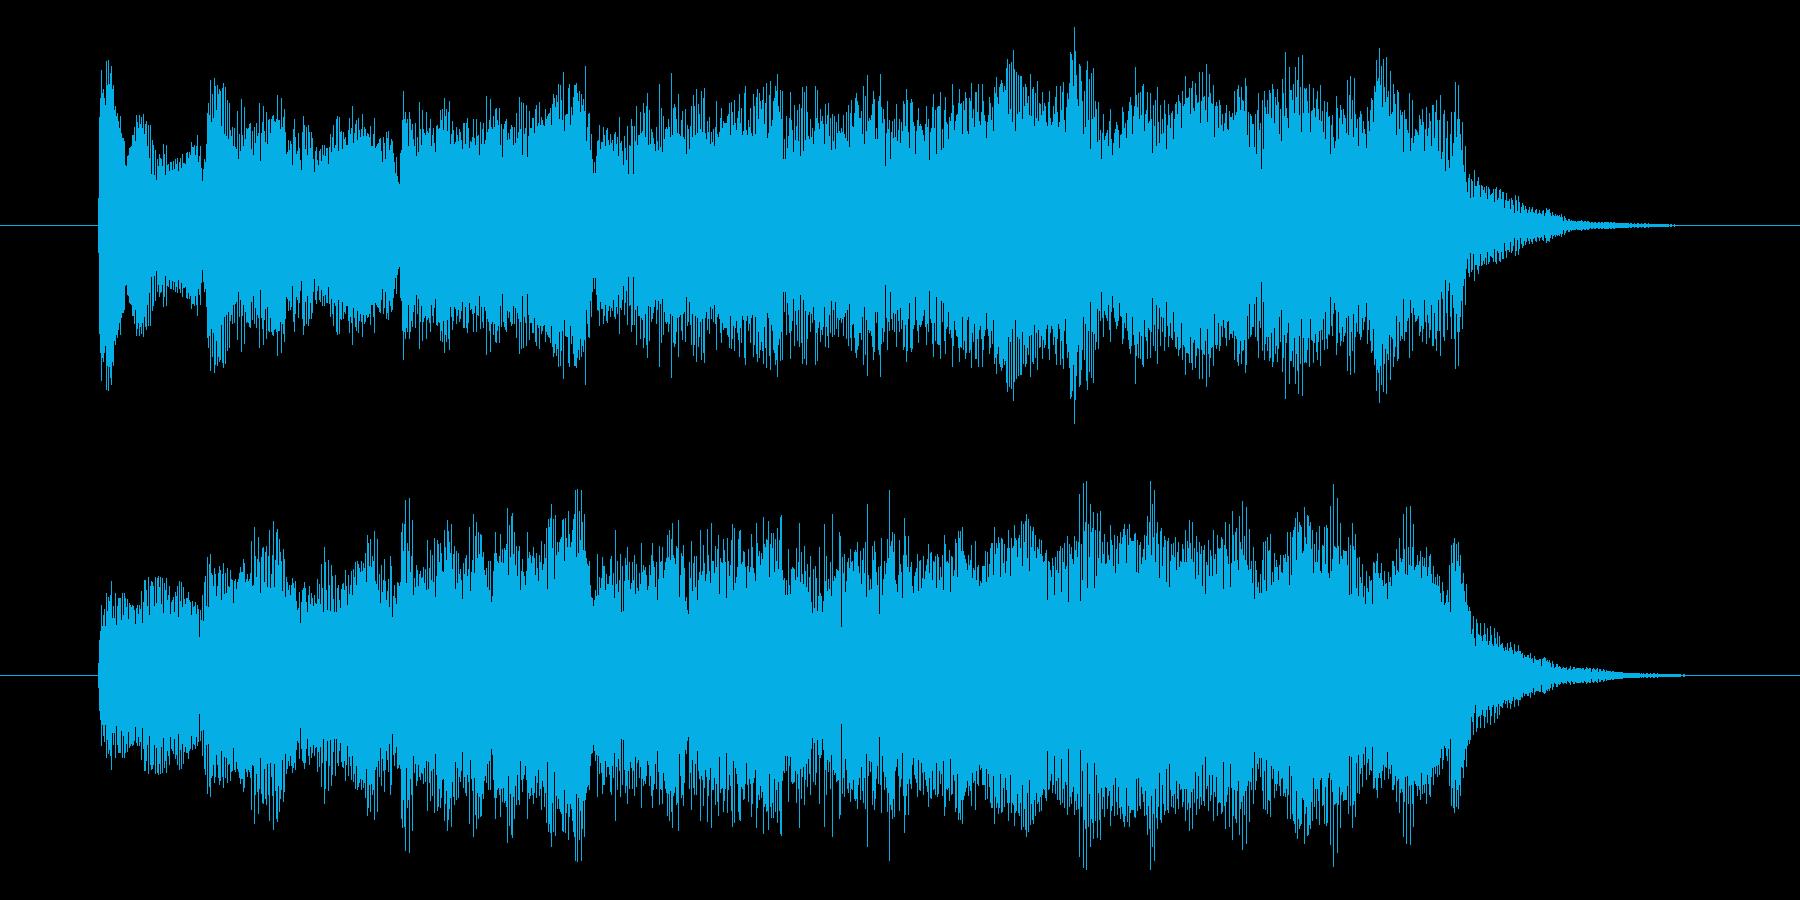 爽やかな朝イメージRPG宿屋風フルート曲の再生済みの波形